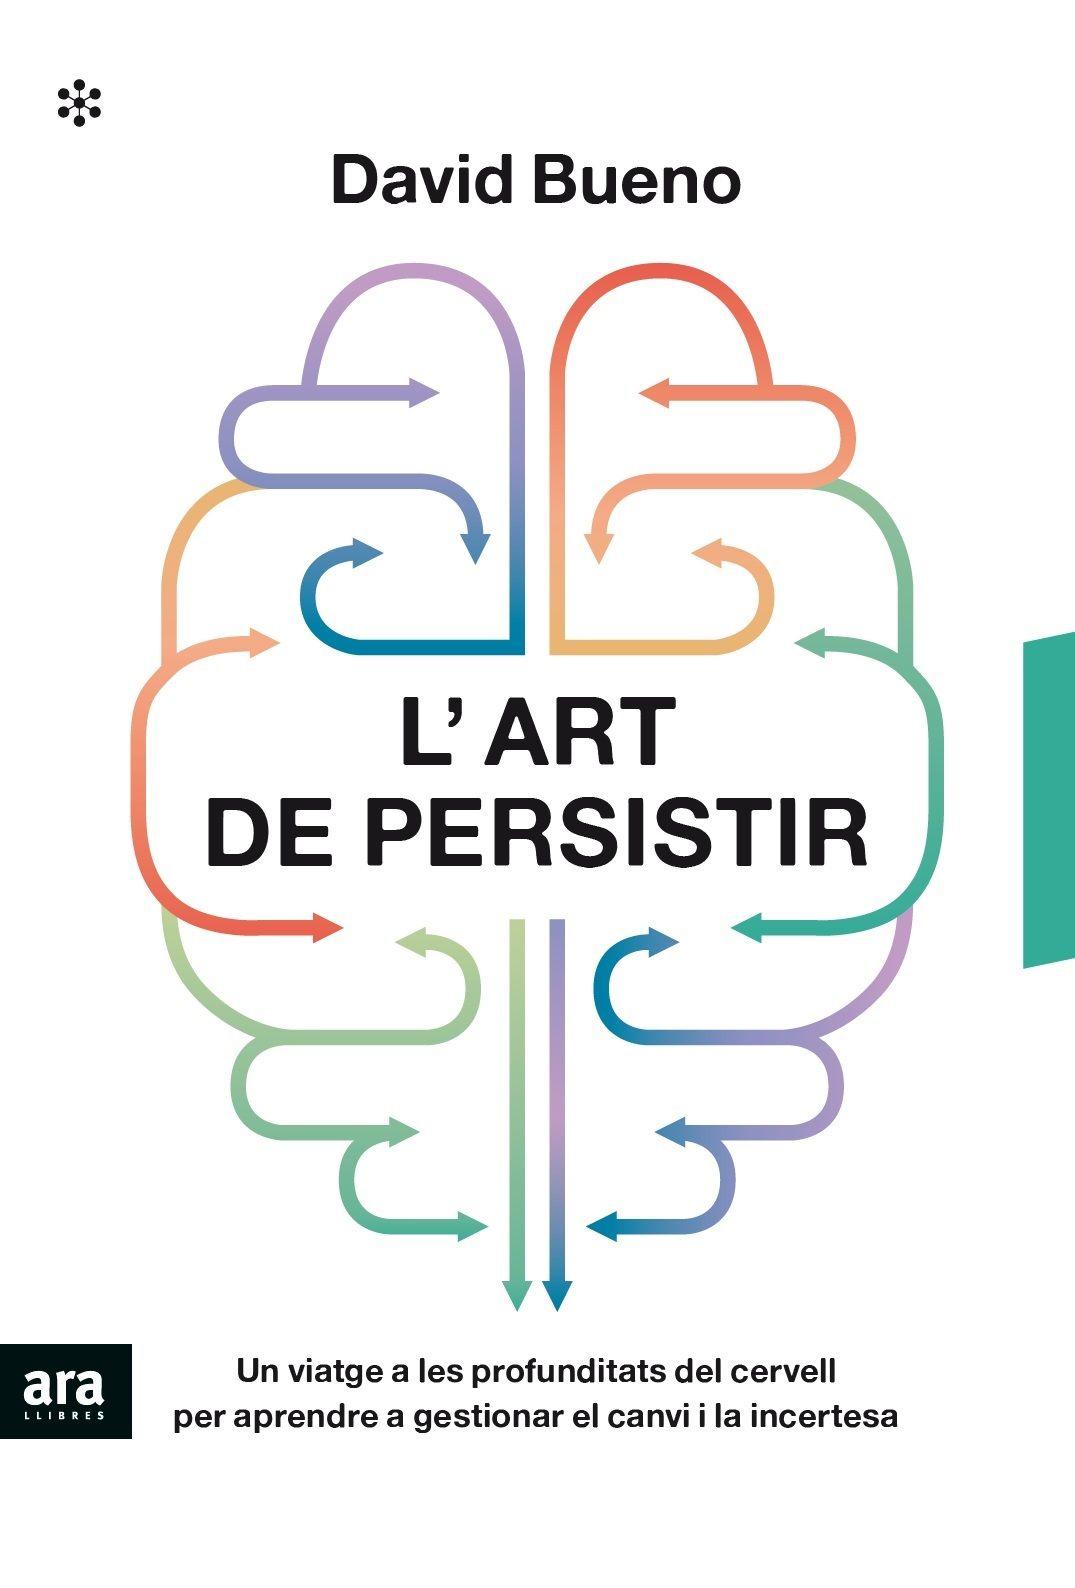 ART DE PERSISTIR L